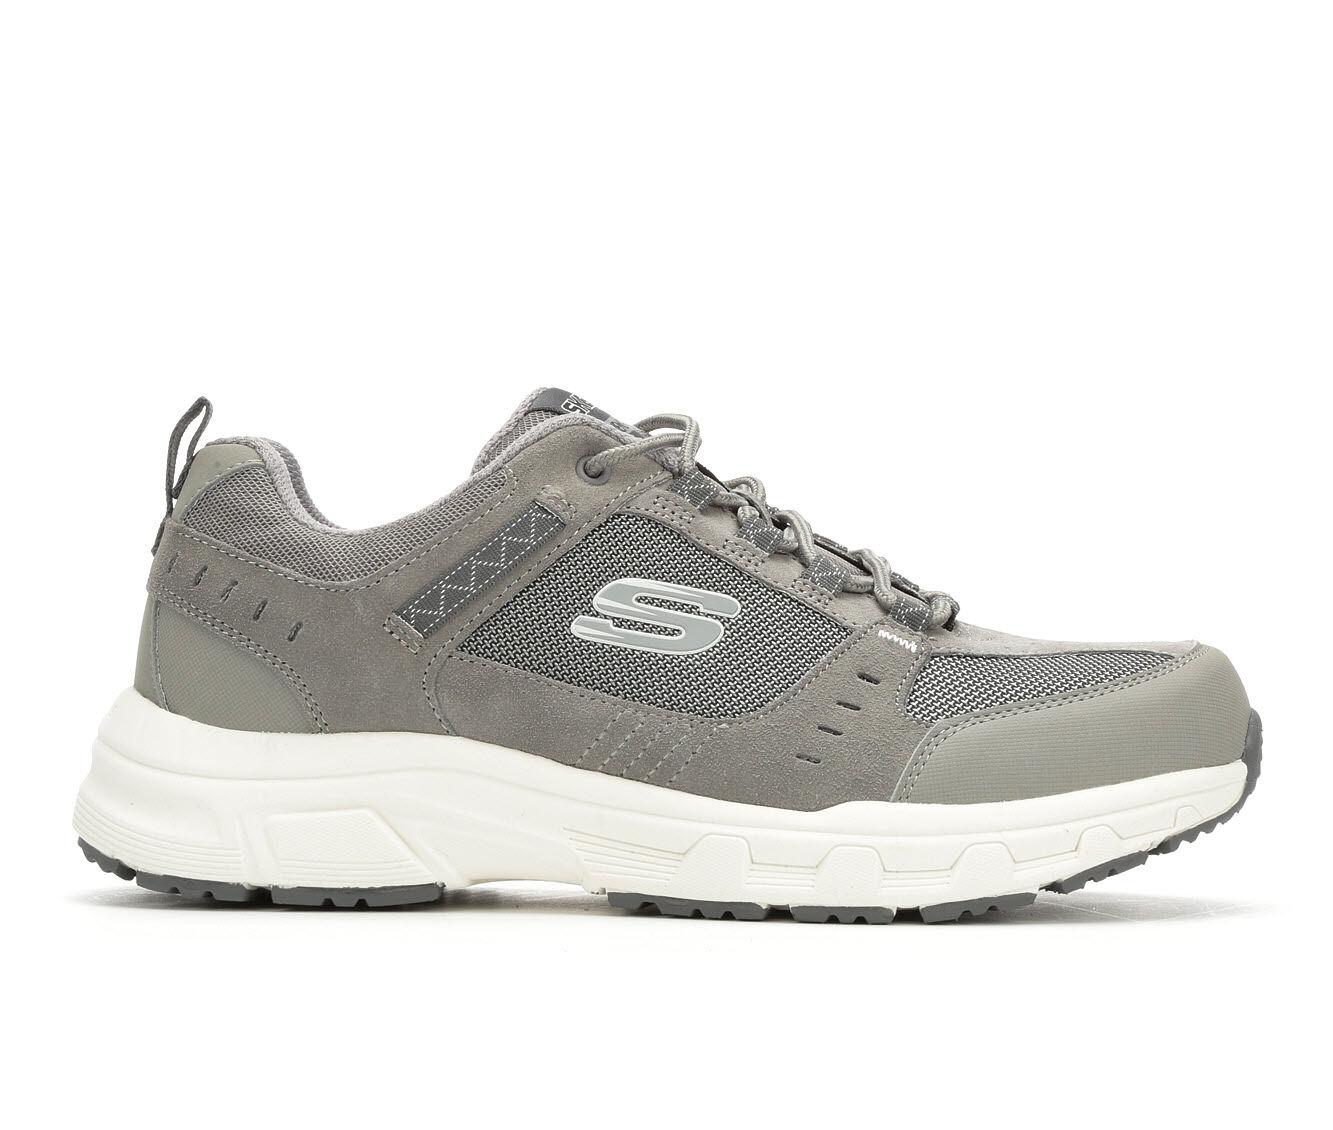 Men's Skechers Oak Canyon 51893 Athletic Shoes Grey/White